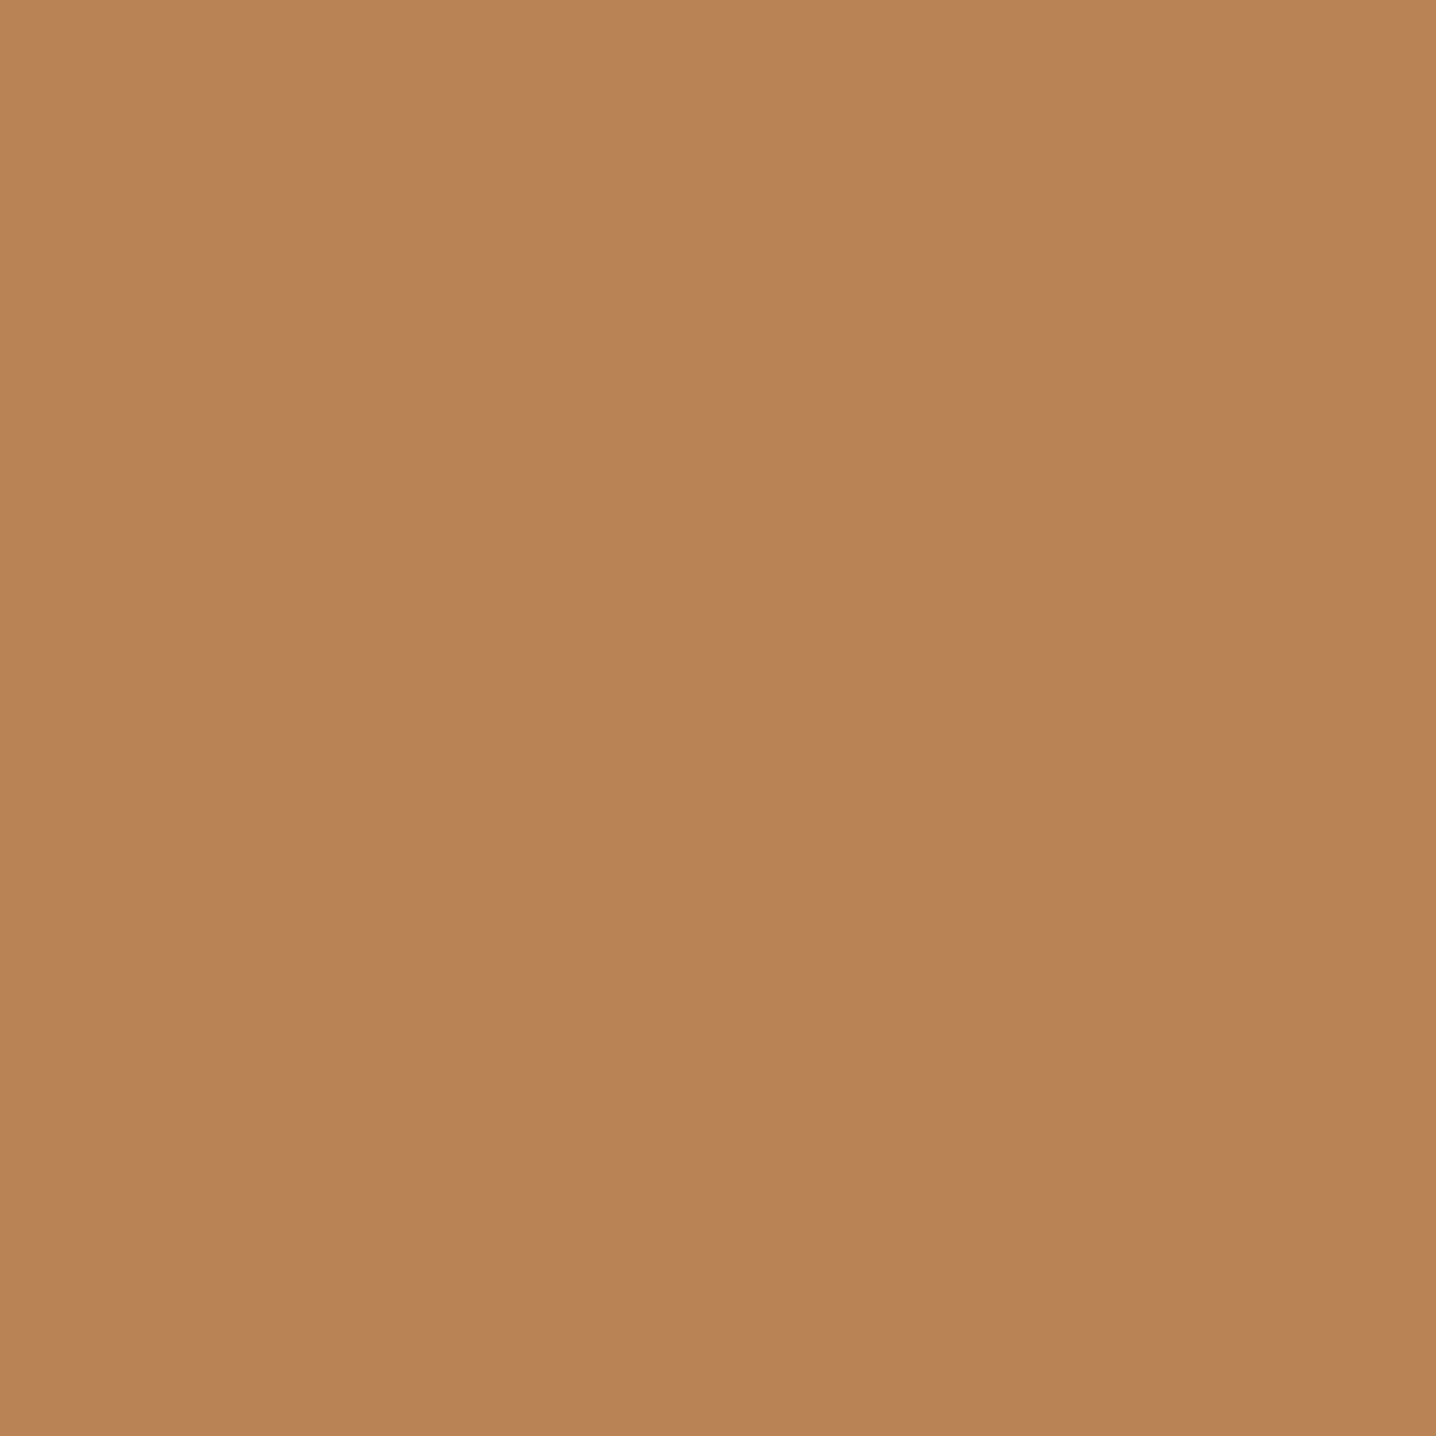 狂人土砂降りファームSANMIMORE(サンミモレ化粧品) UVパクト 54号ナチュラル (レフィル 替パフ付)